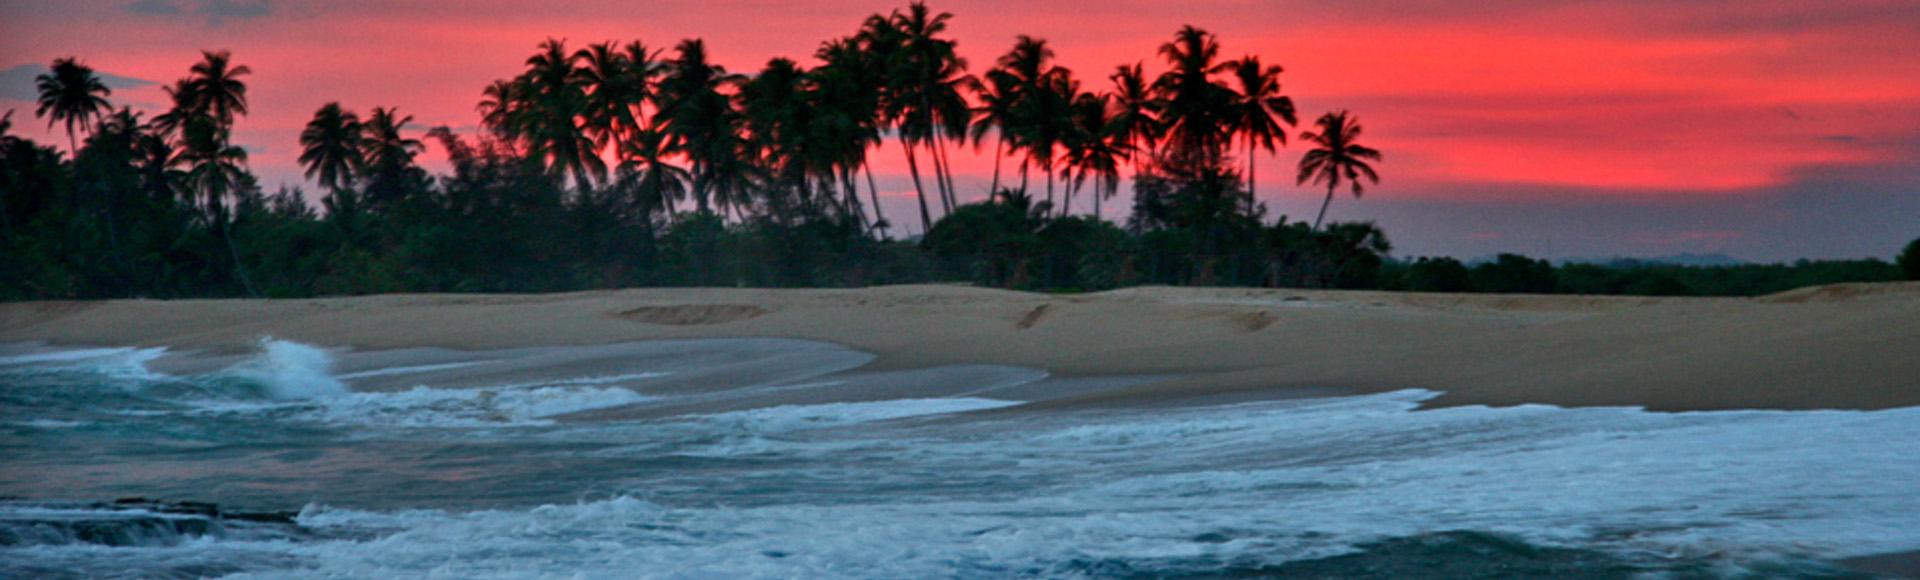 Zie de zonsondergang op een verlaten strand